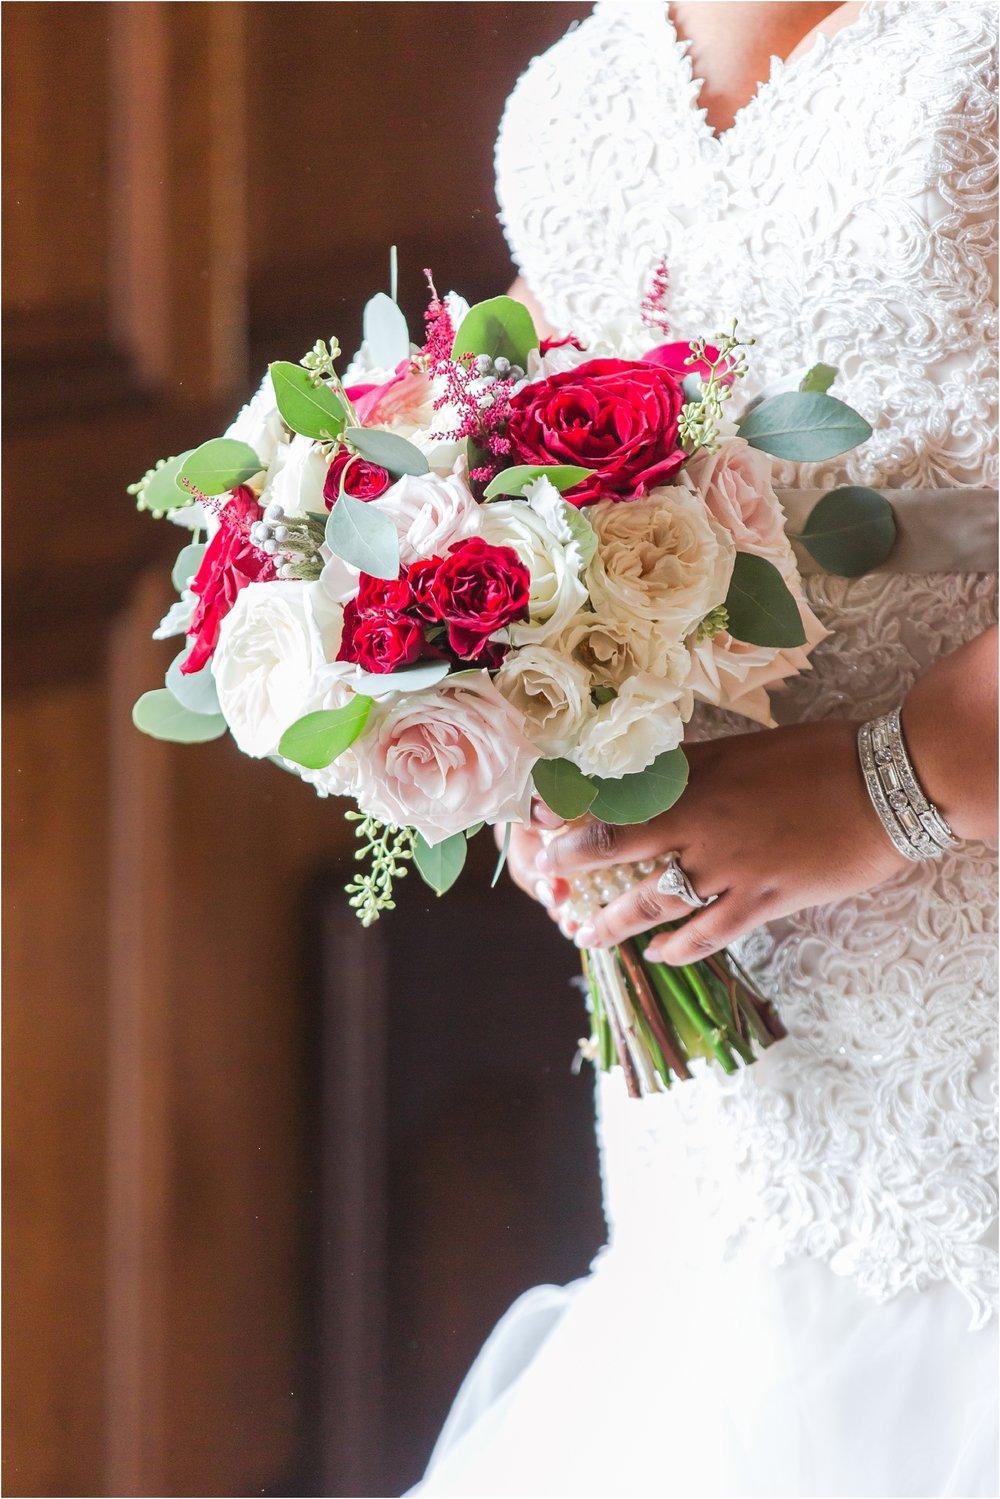 minimalist-and-modern-wedding-photos-at-30-north-saginaw-in-pontiac-michigan-by-courtney-carolyn-photography_0009.jpg